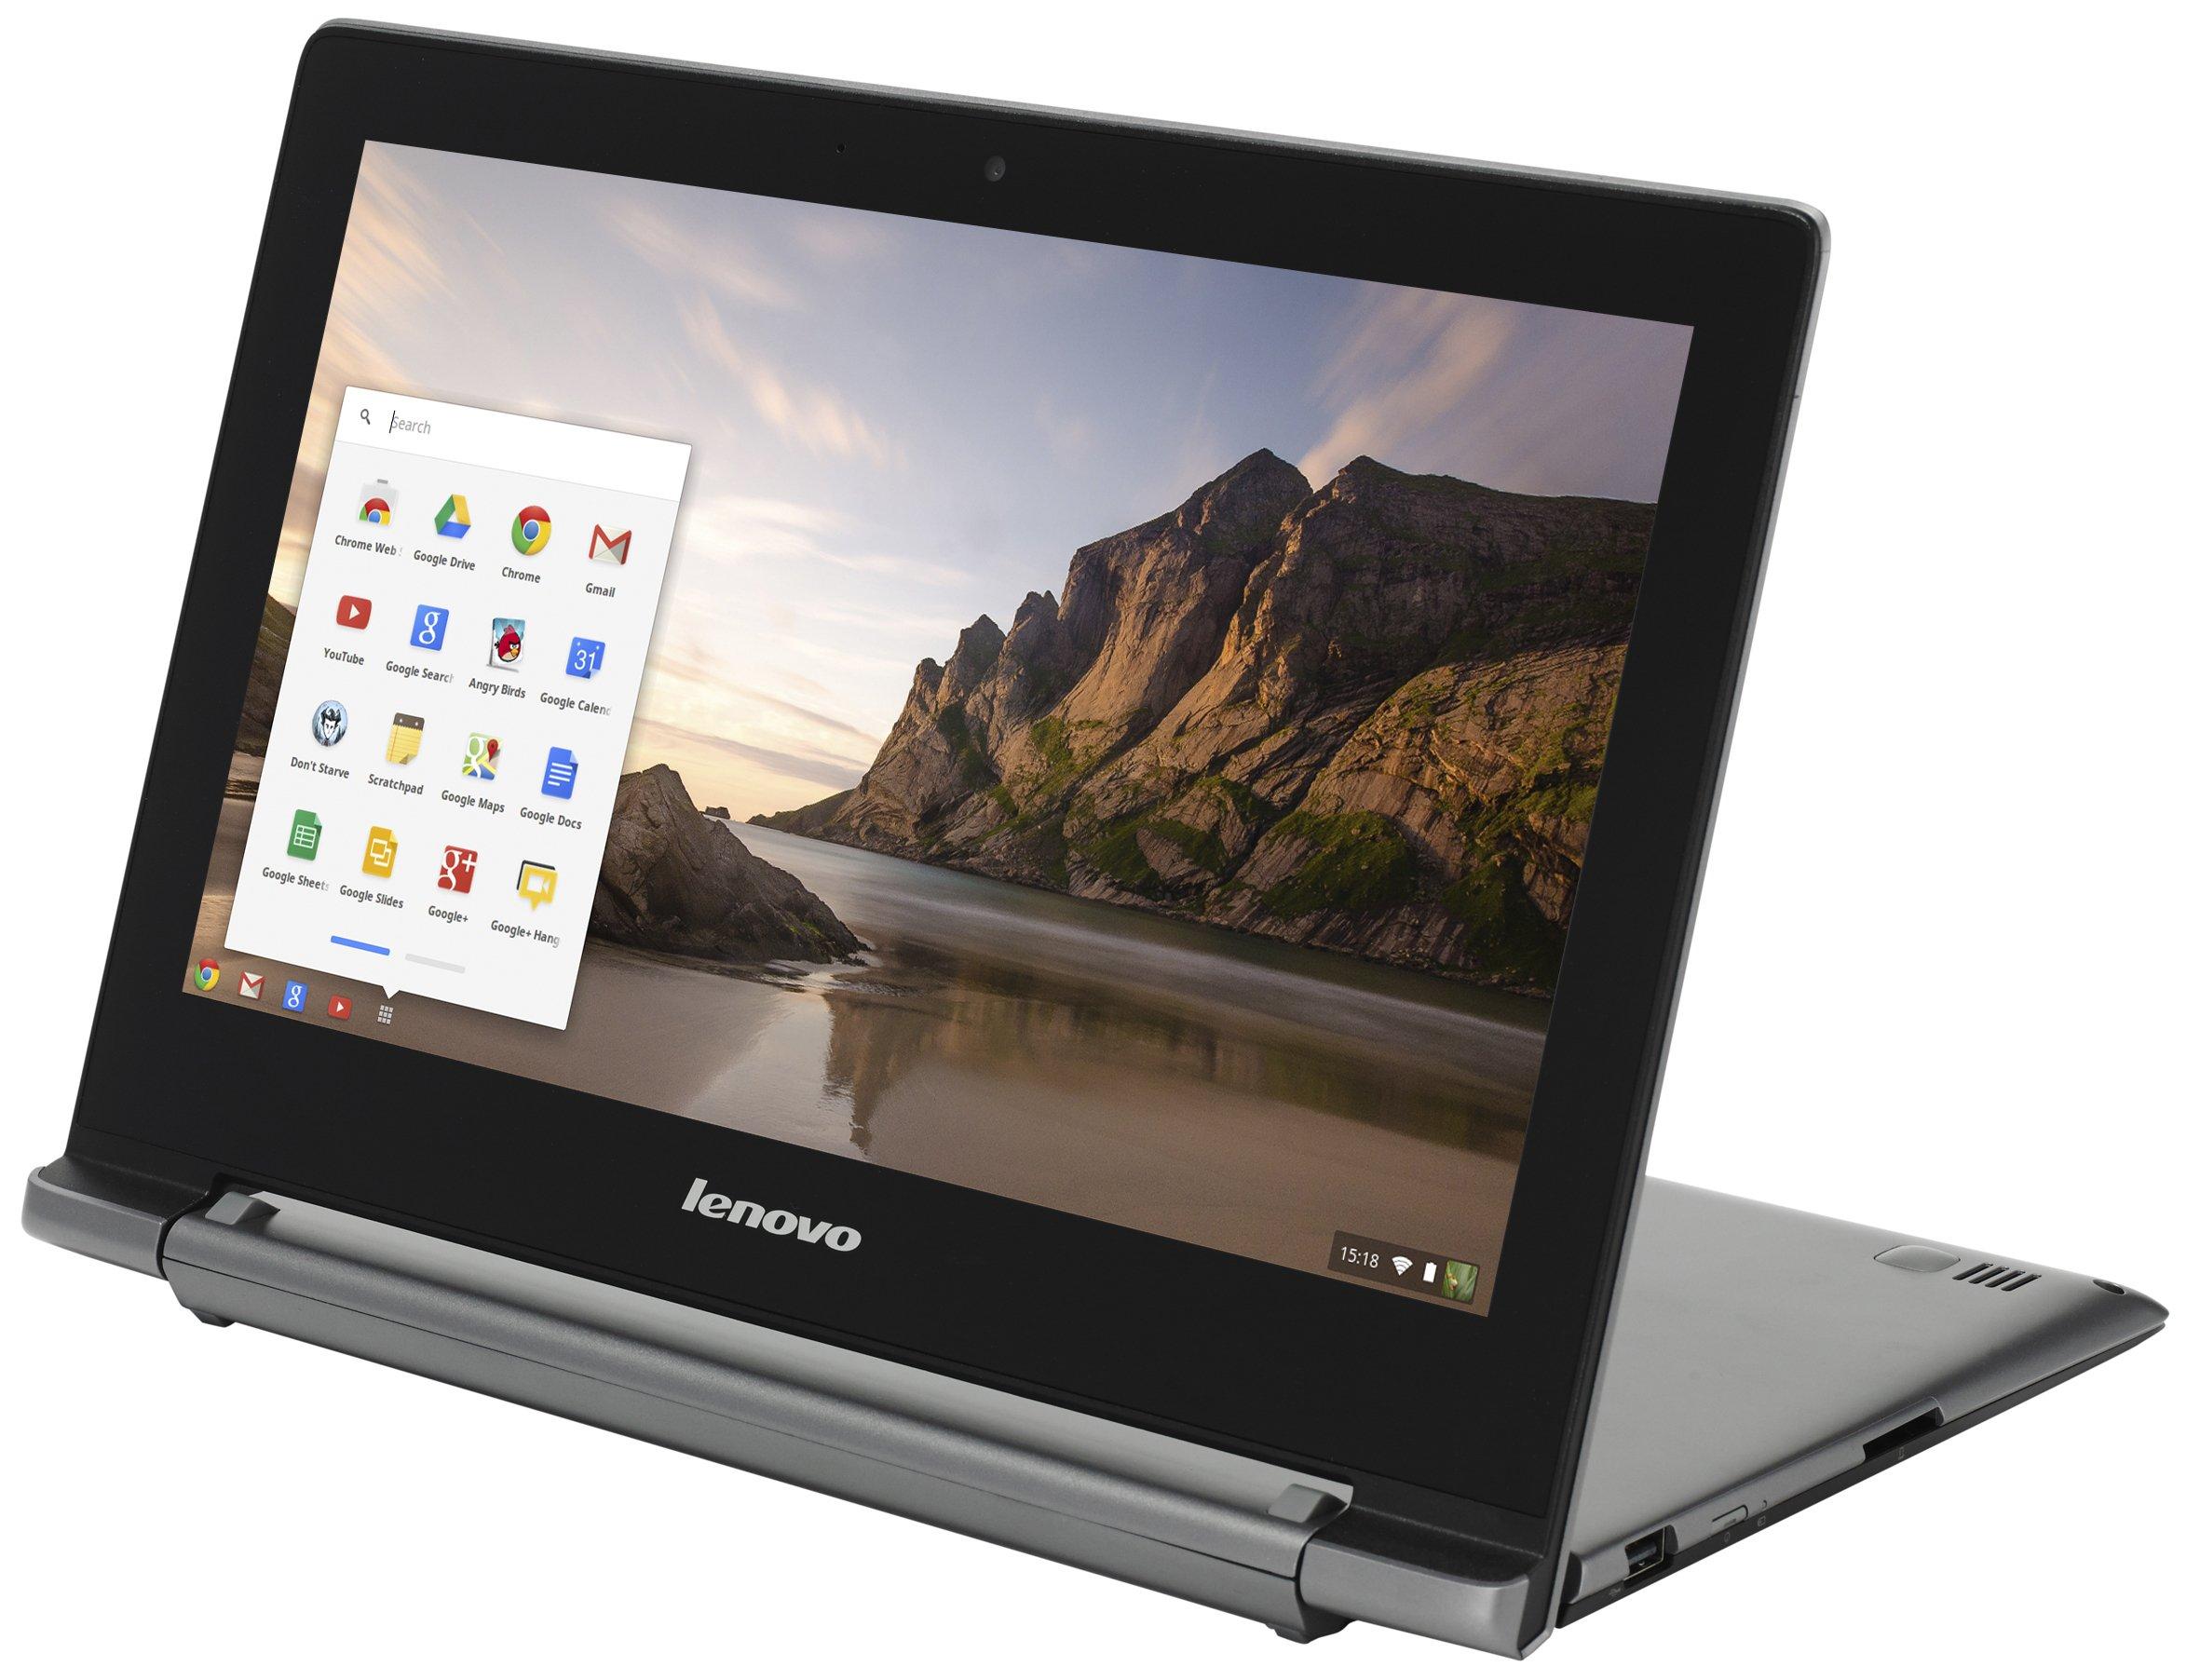 Lenovo N20p Chromebook Review Expert Reviews